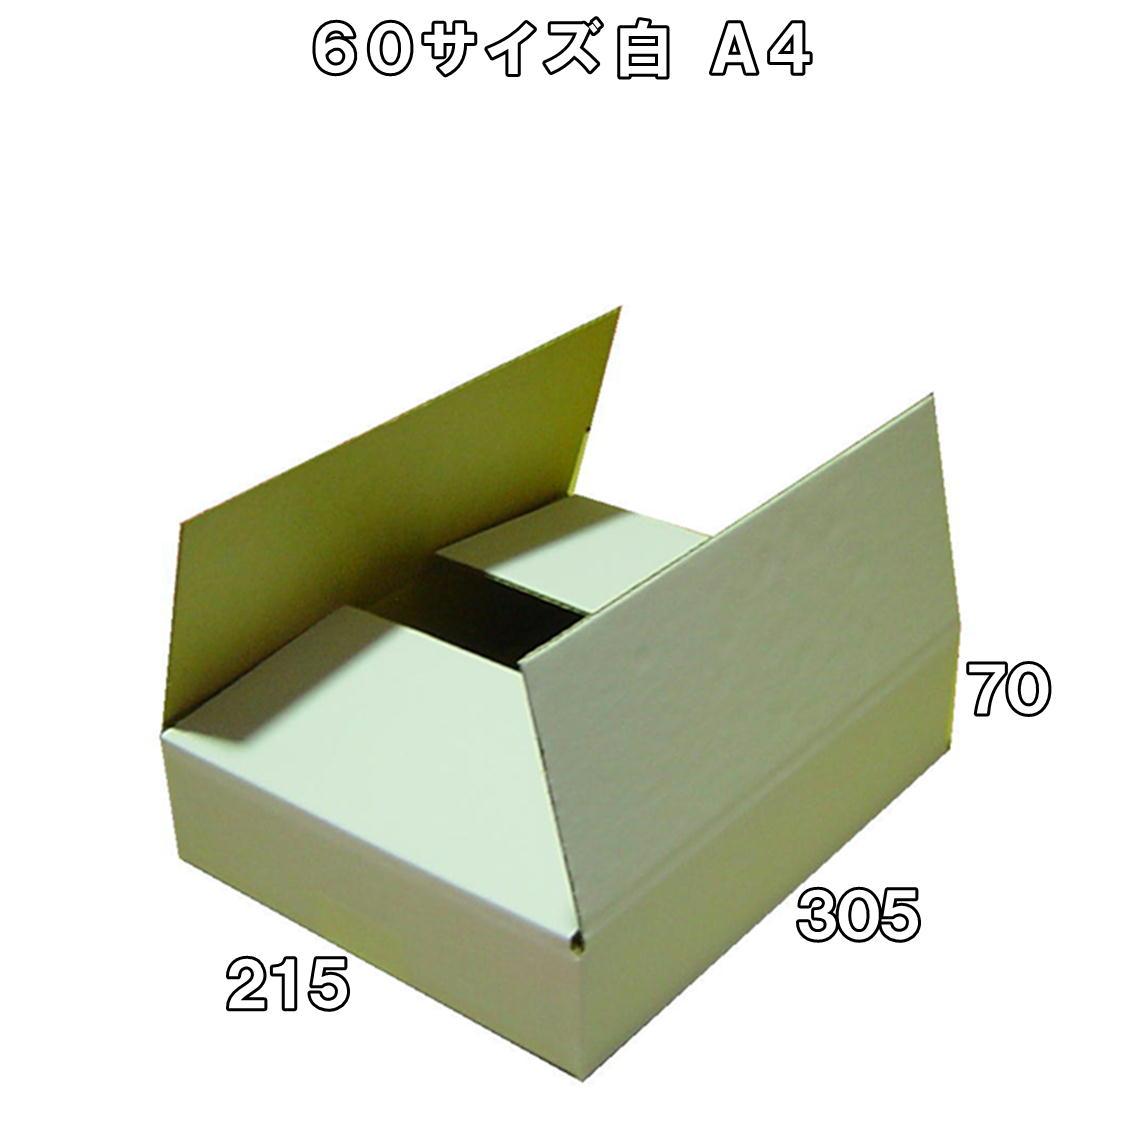 【送料無料】60サイズ白ダンボール箱A4 150枚※この商品はヤマト運輸での配送です※